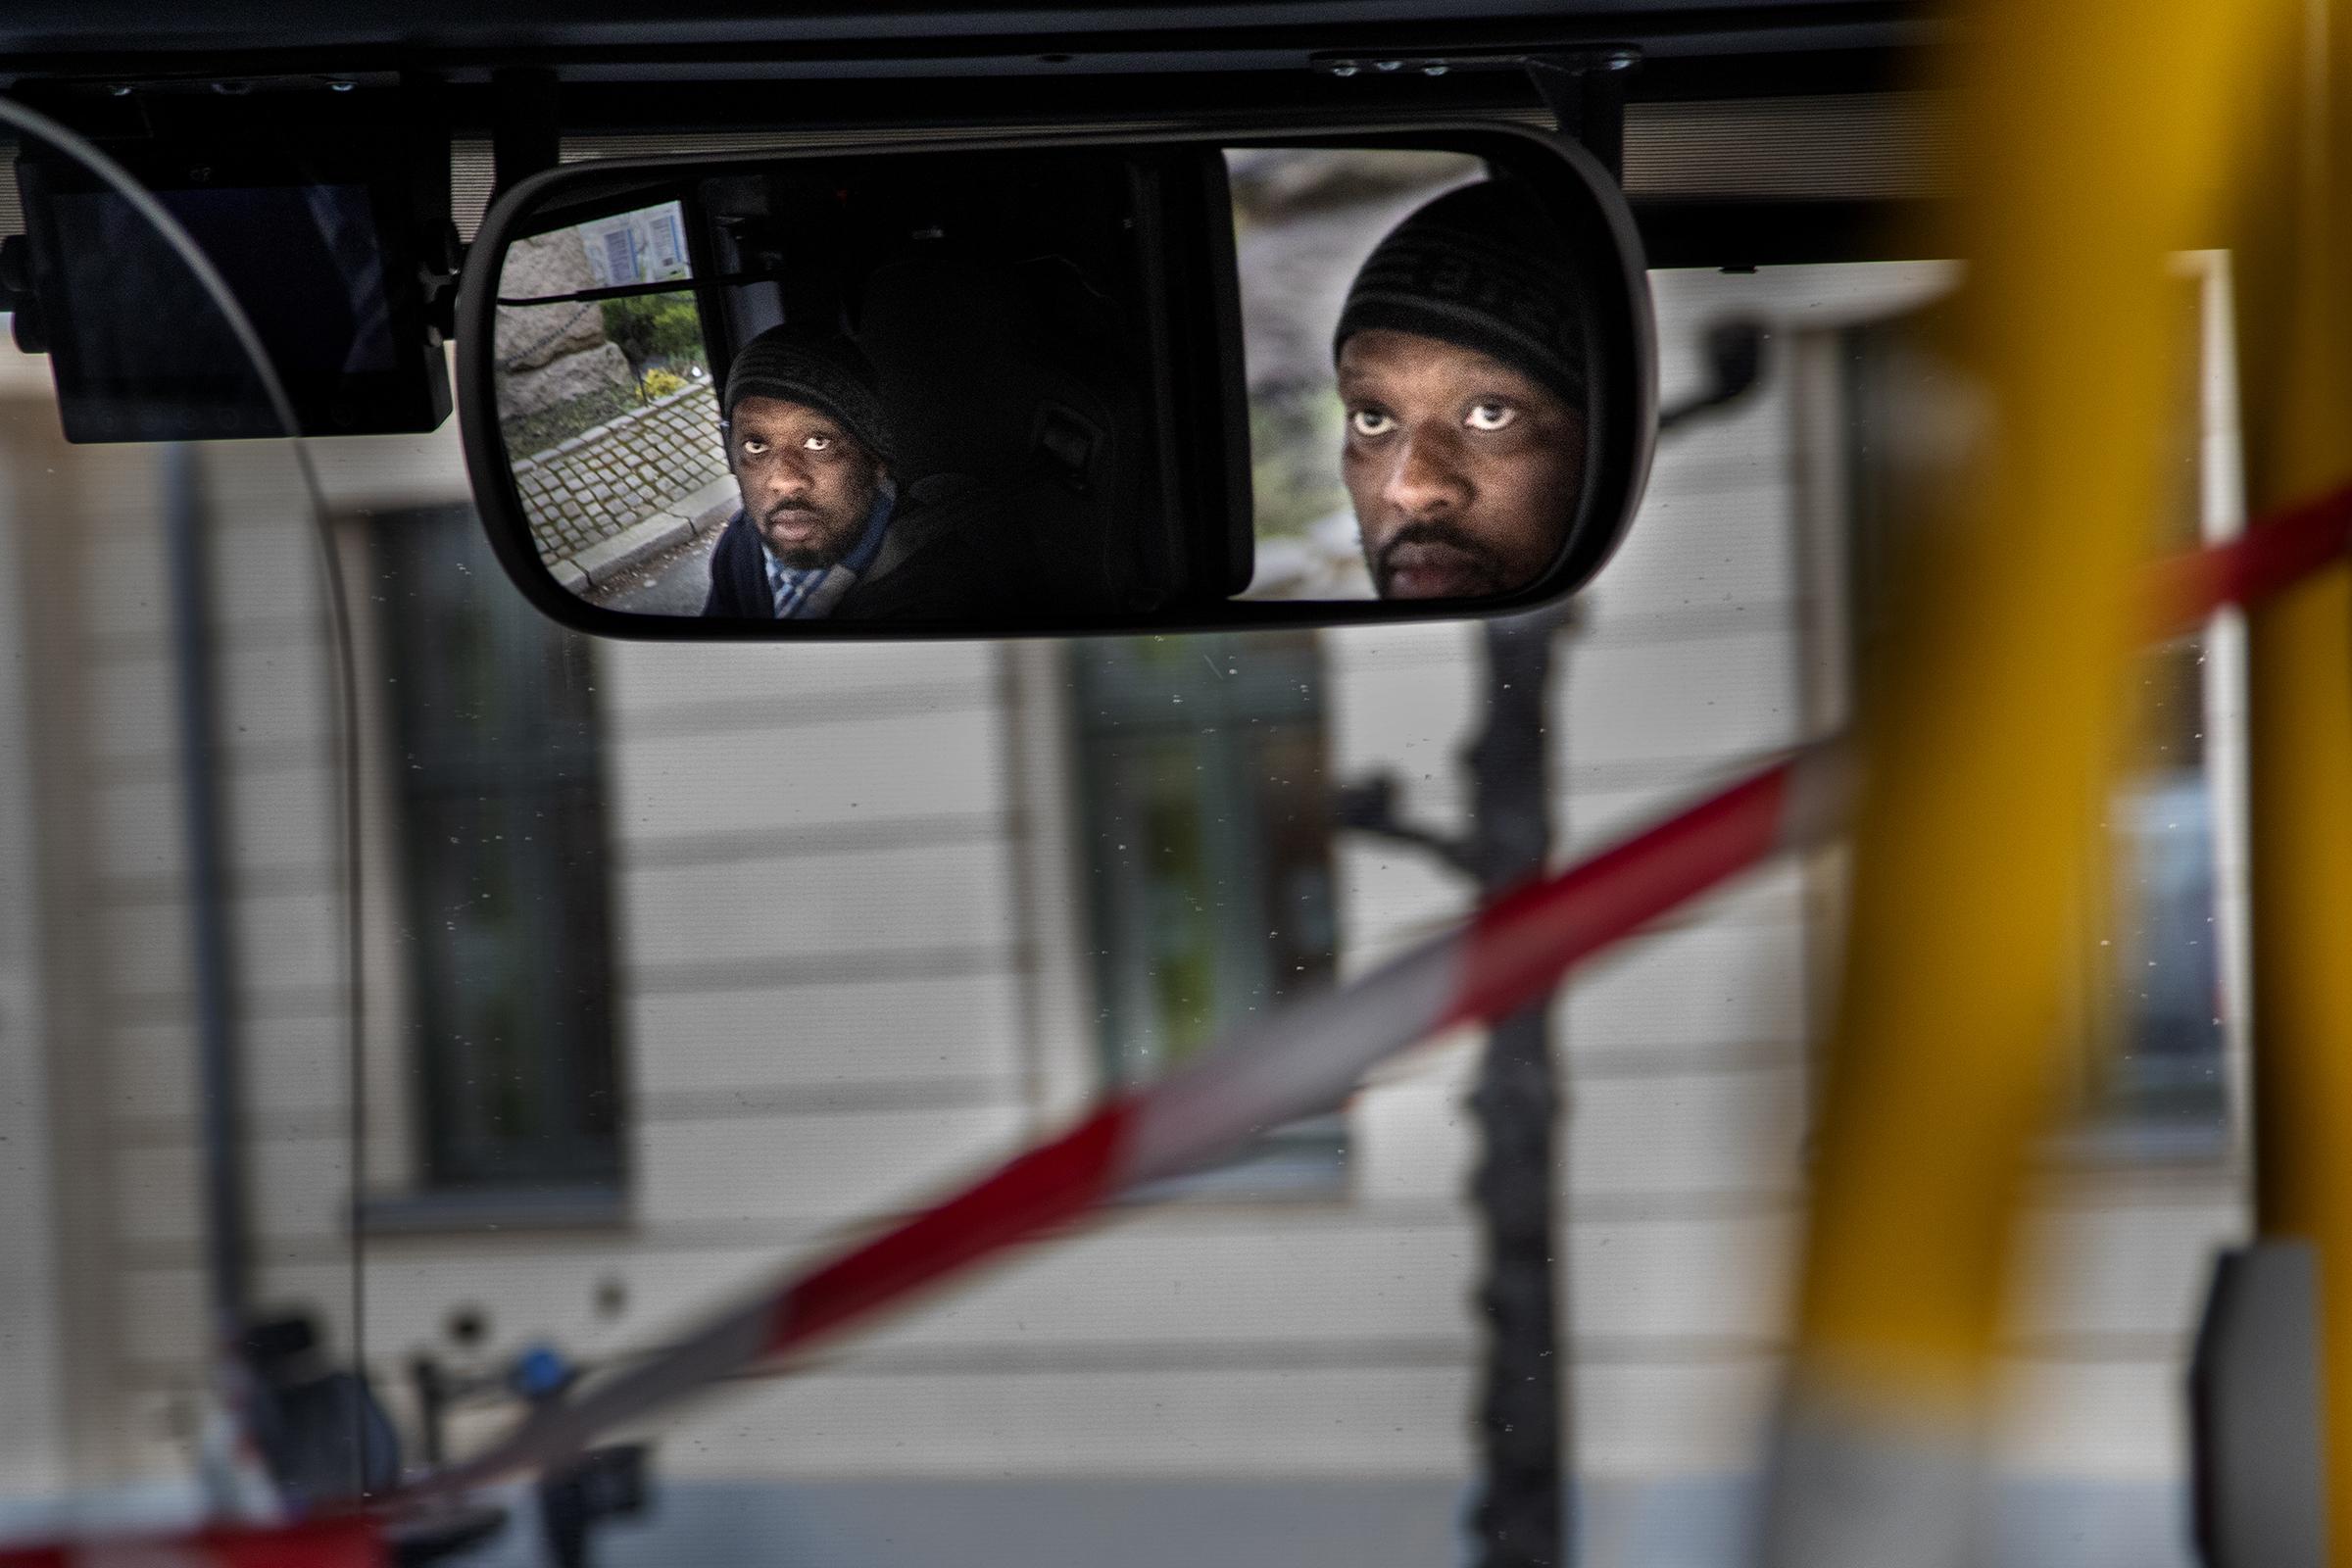 Fany Ghislan Ganga-Kinkeni kjører 37-bussen. Dette er den første morgenen etter at Norge stengte ned for å bekjempe koronaviruset, og det har kommet opp sperrebånd mellom han og passasjerene.